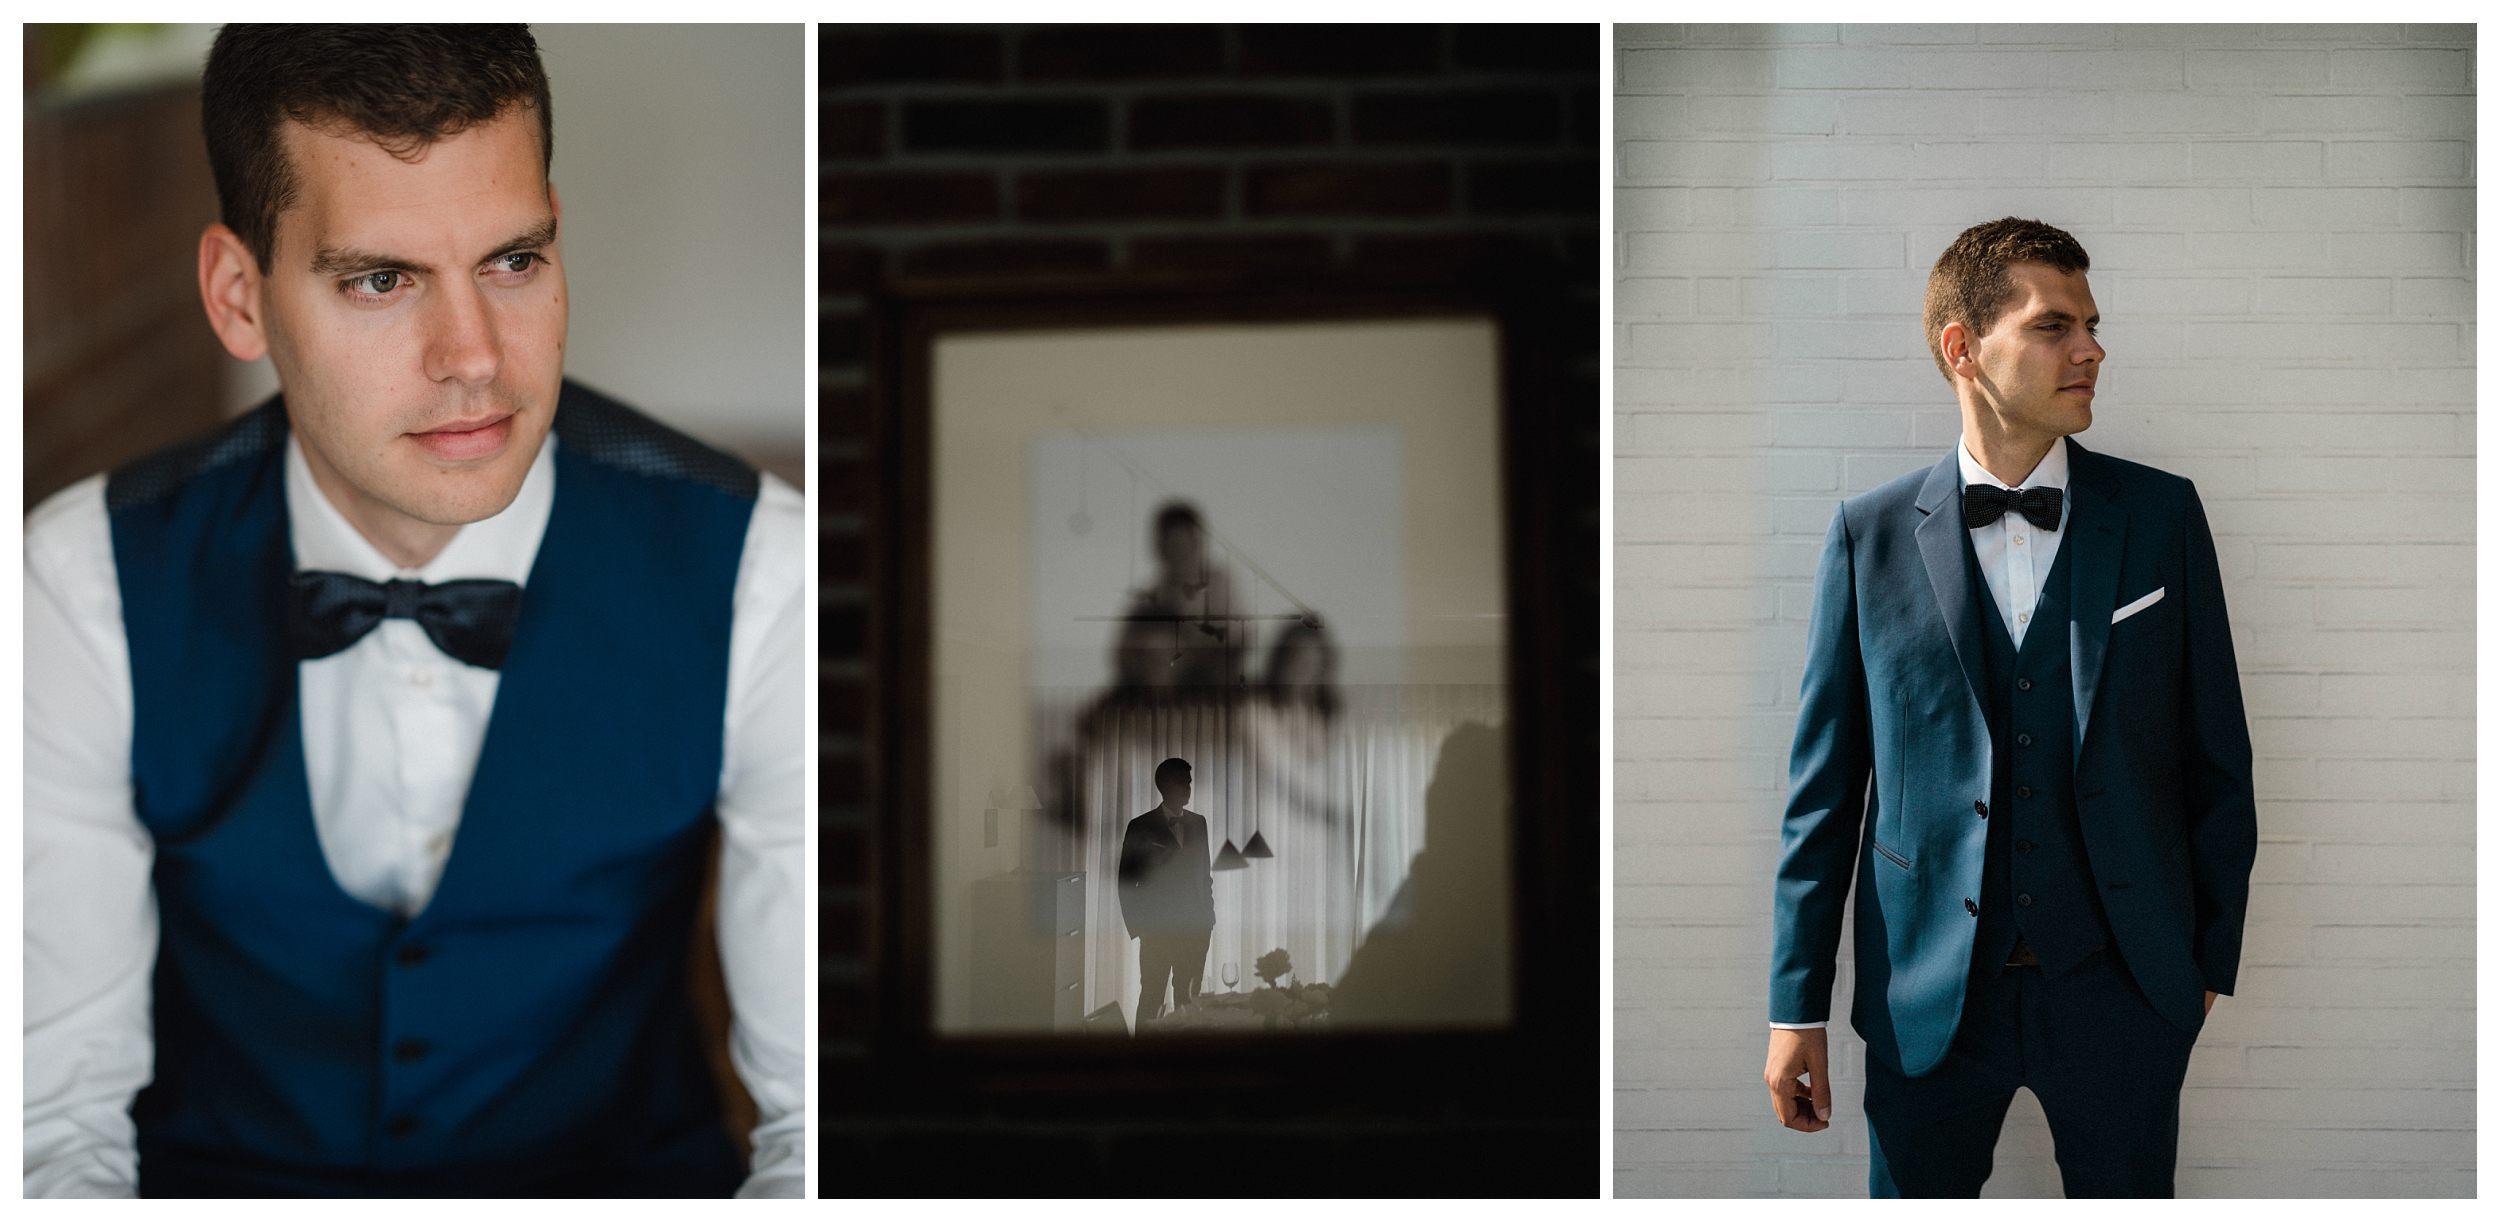 huwelijksfotograaf bruidsfotograaf destinationwedding huwelijksfotografie in mol oostham (3).jpg